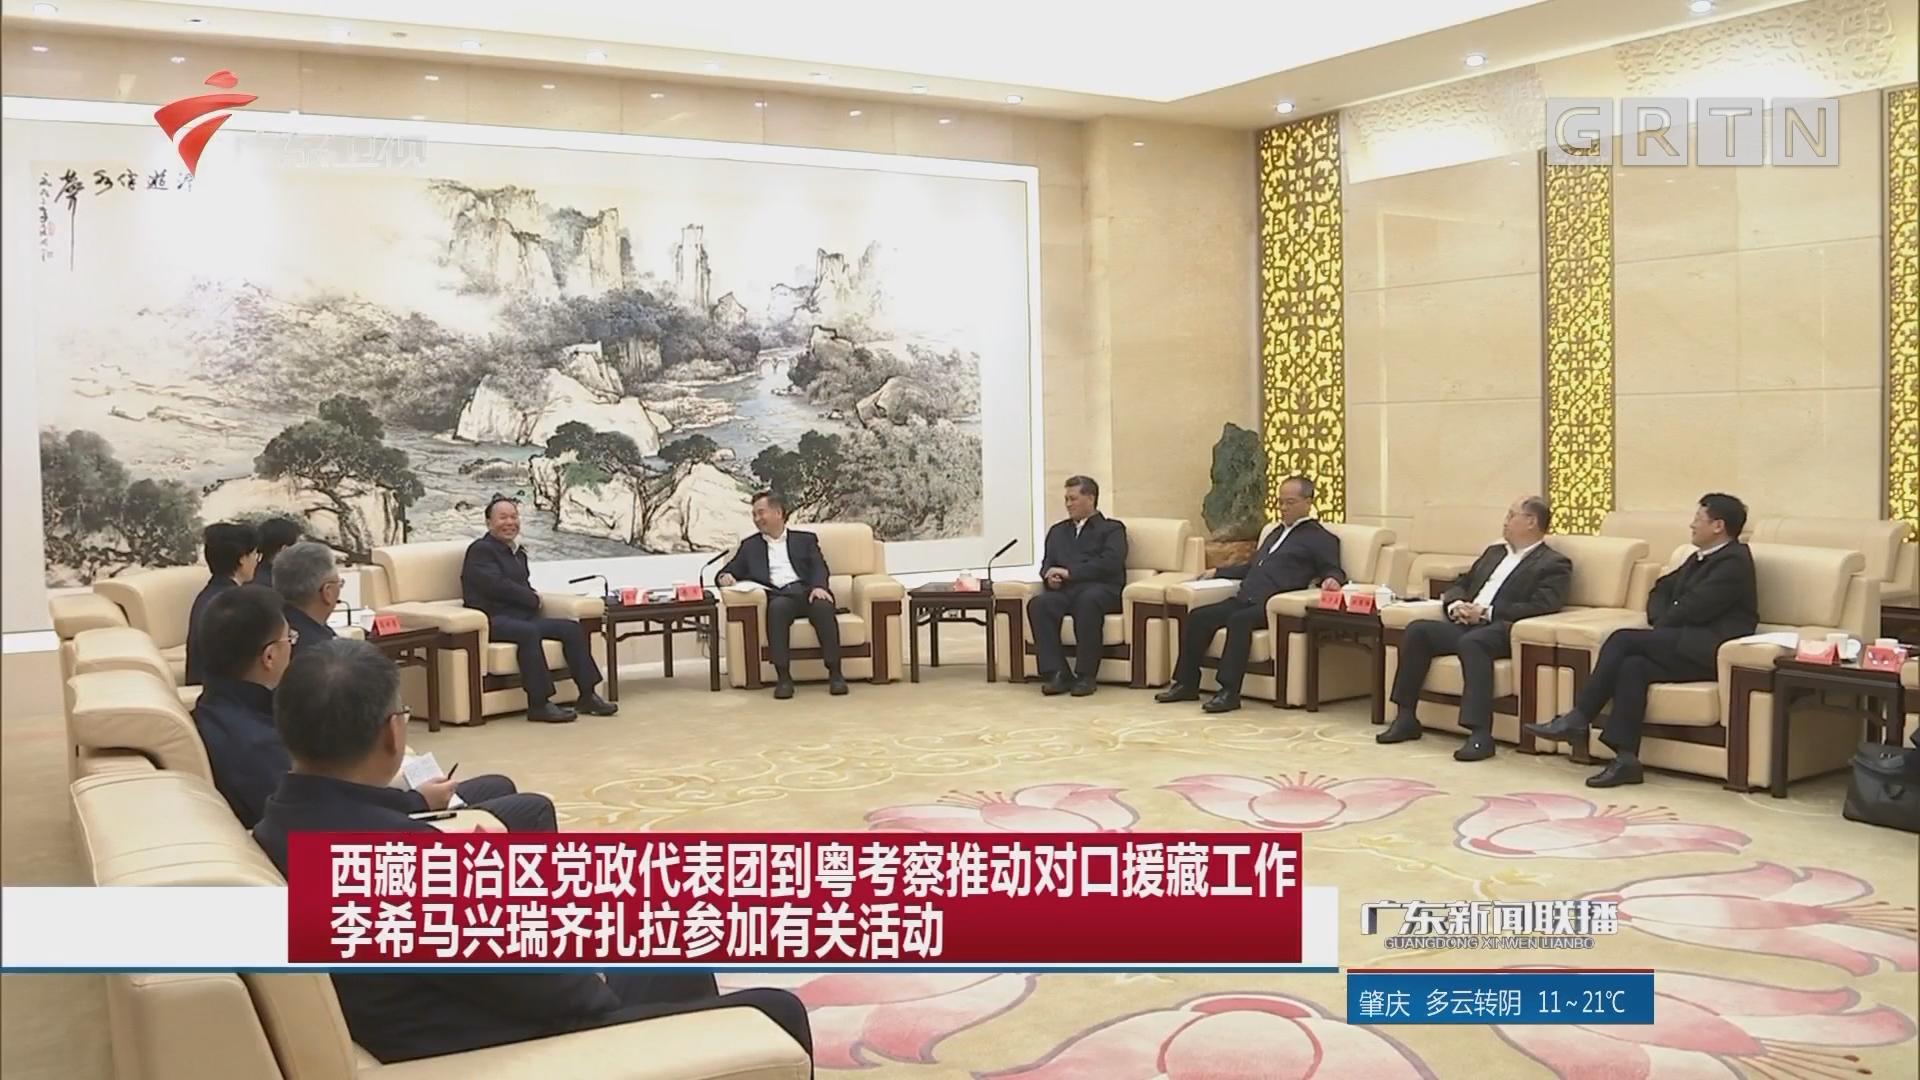 西藏自治区党政代表团到粤考察推动对口援藏工作 李希马兴瑞齐扎拉参加有关活动